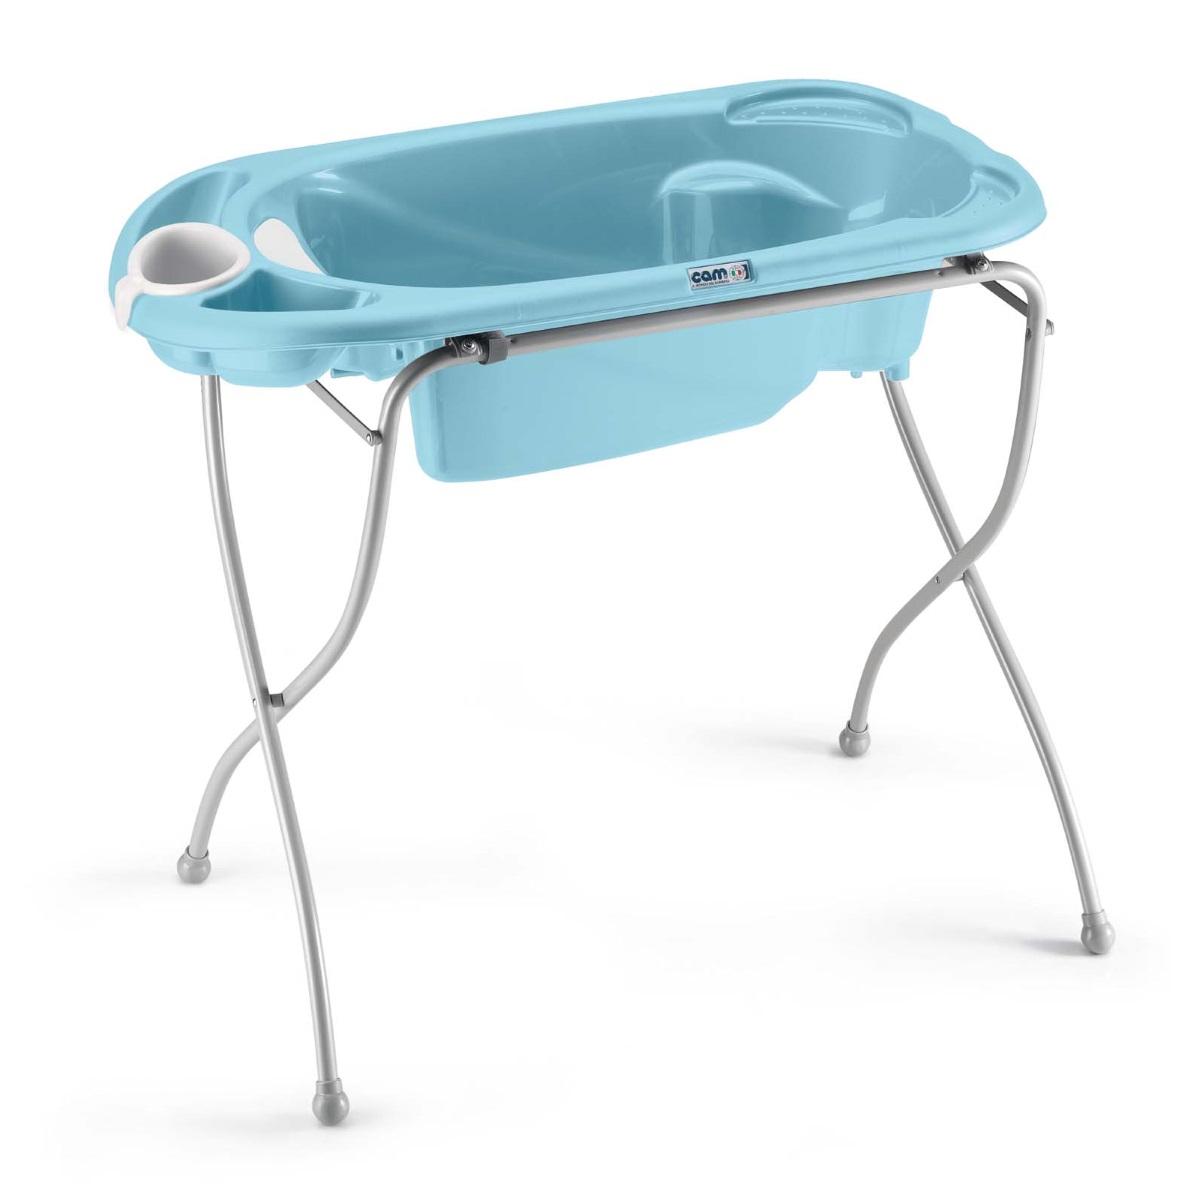 Banheira com suporte CAM Baby Bagno Bathtub with Stand